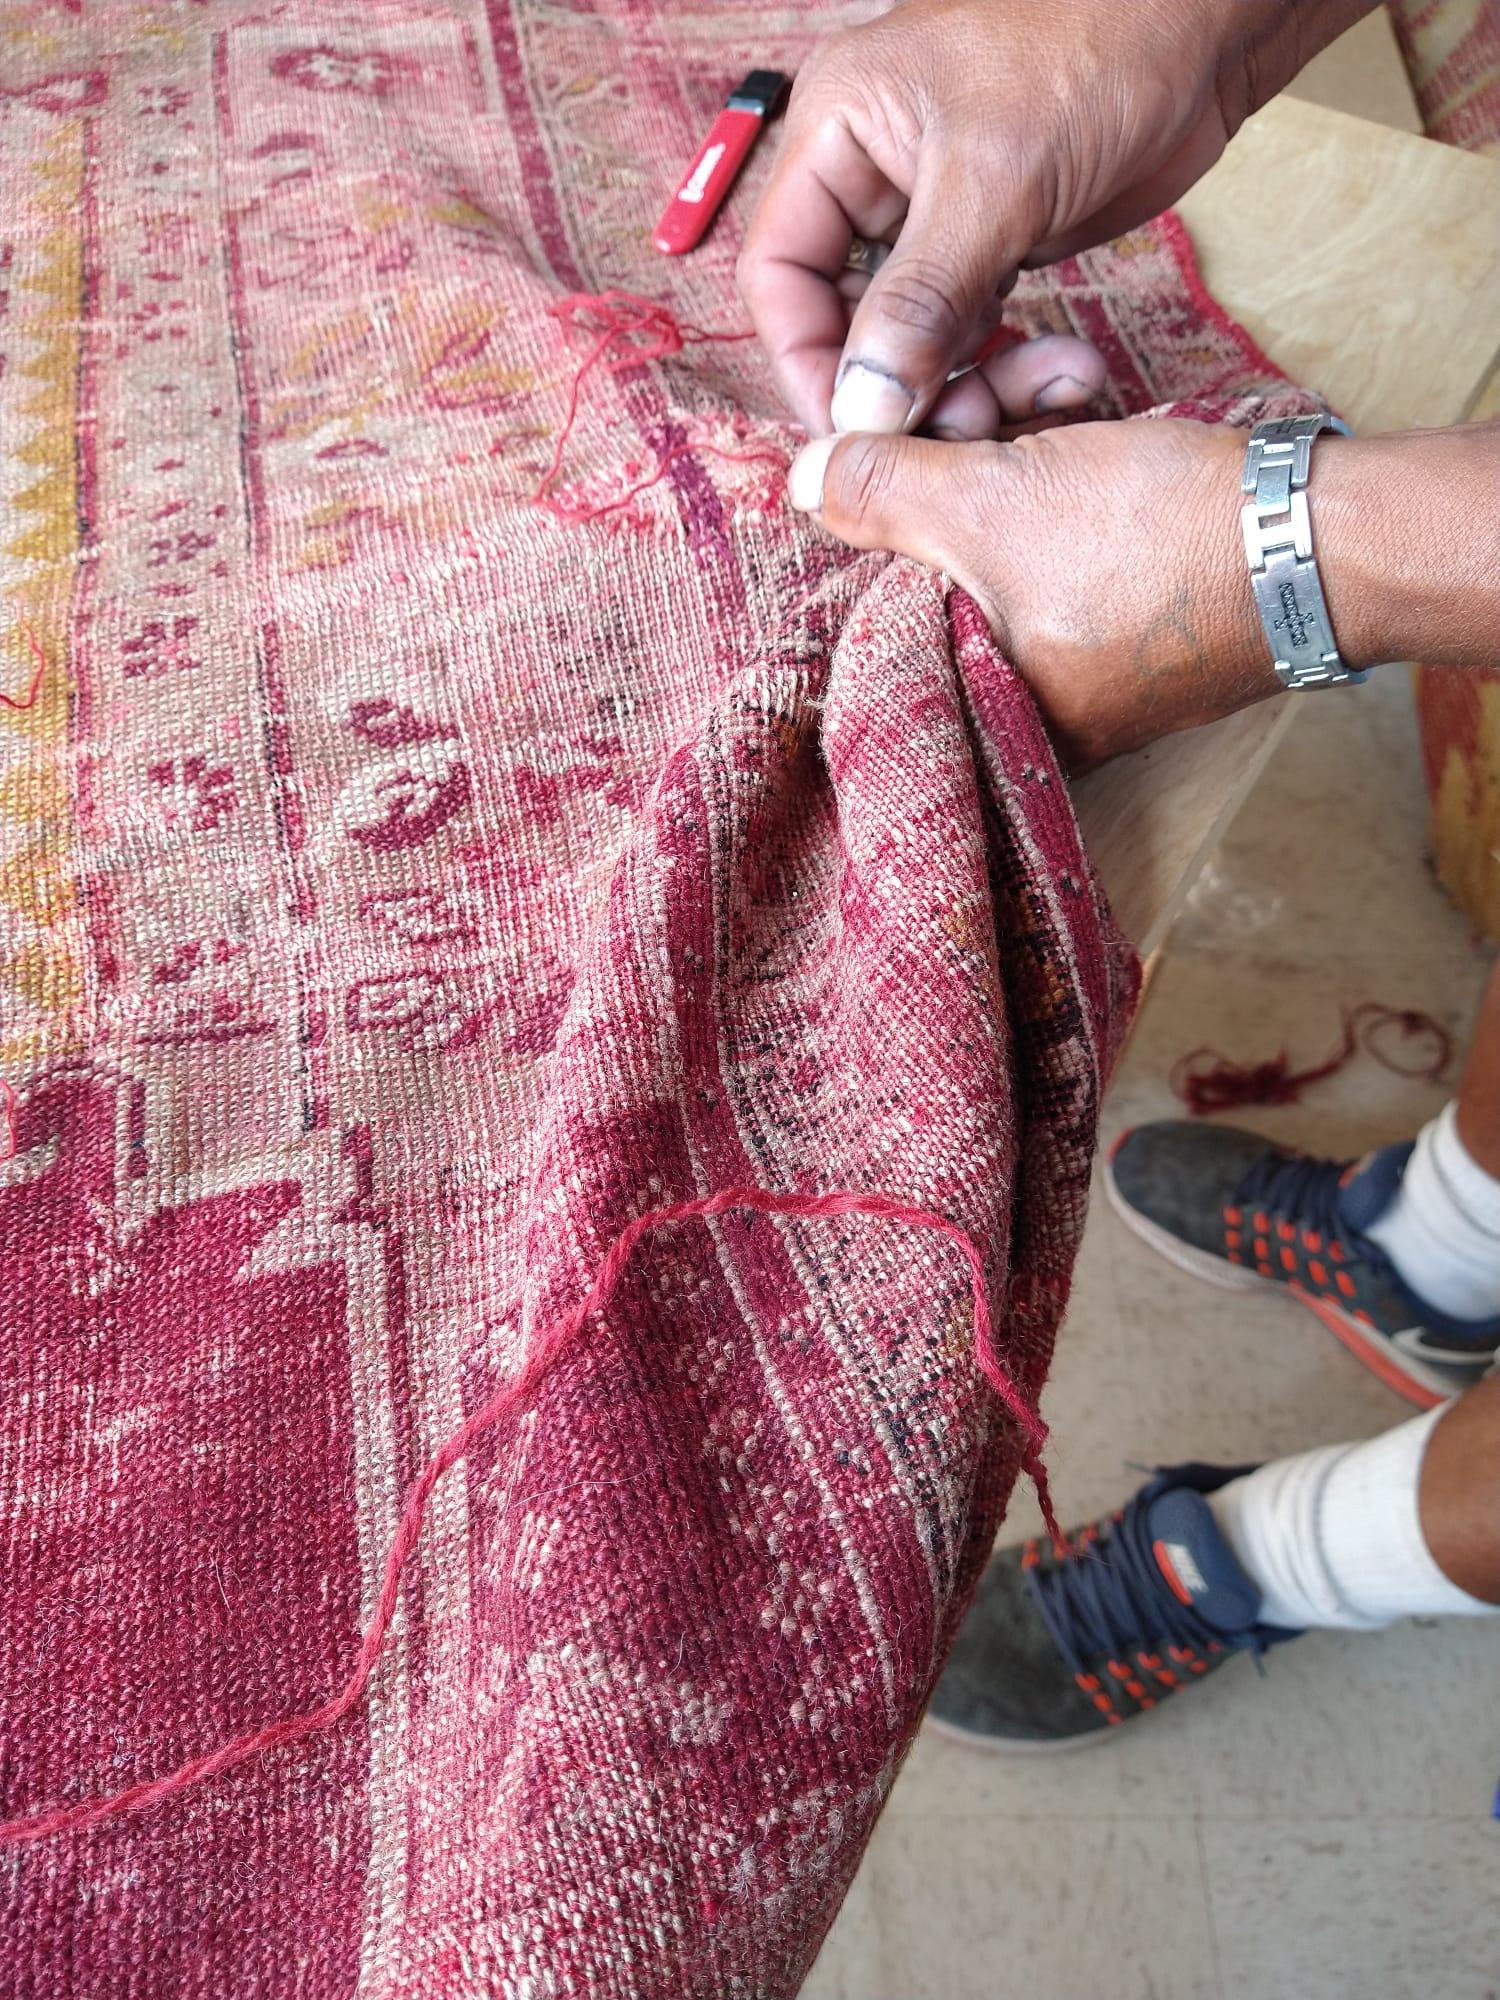 Los Angeles rug repair